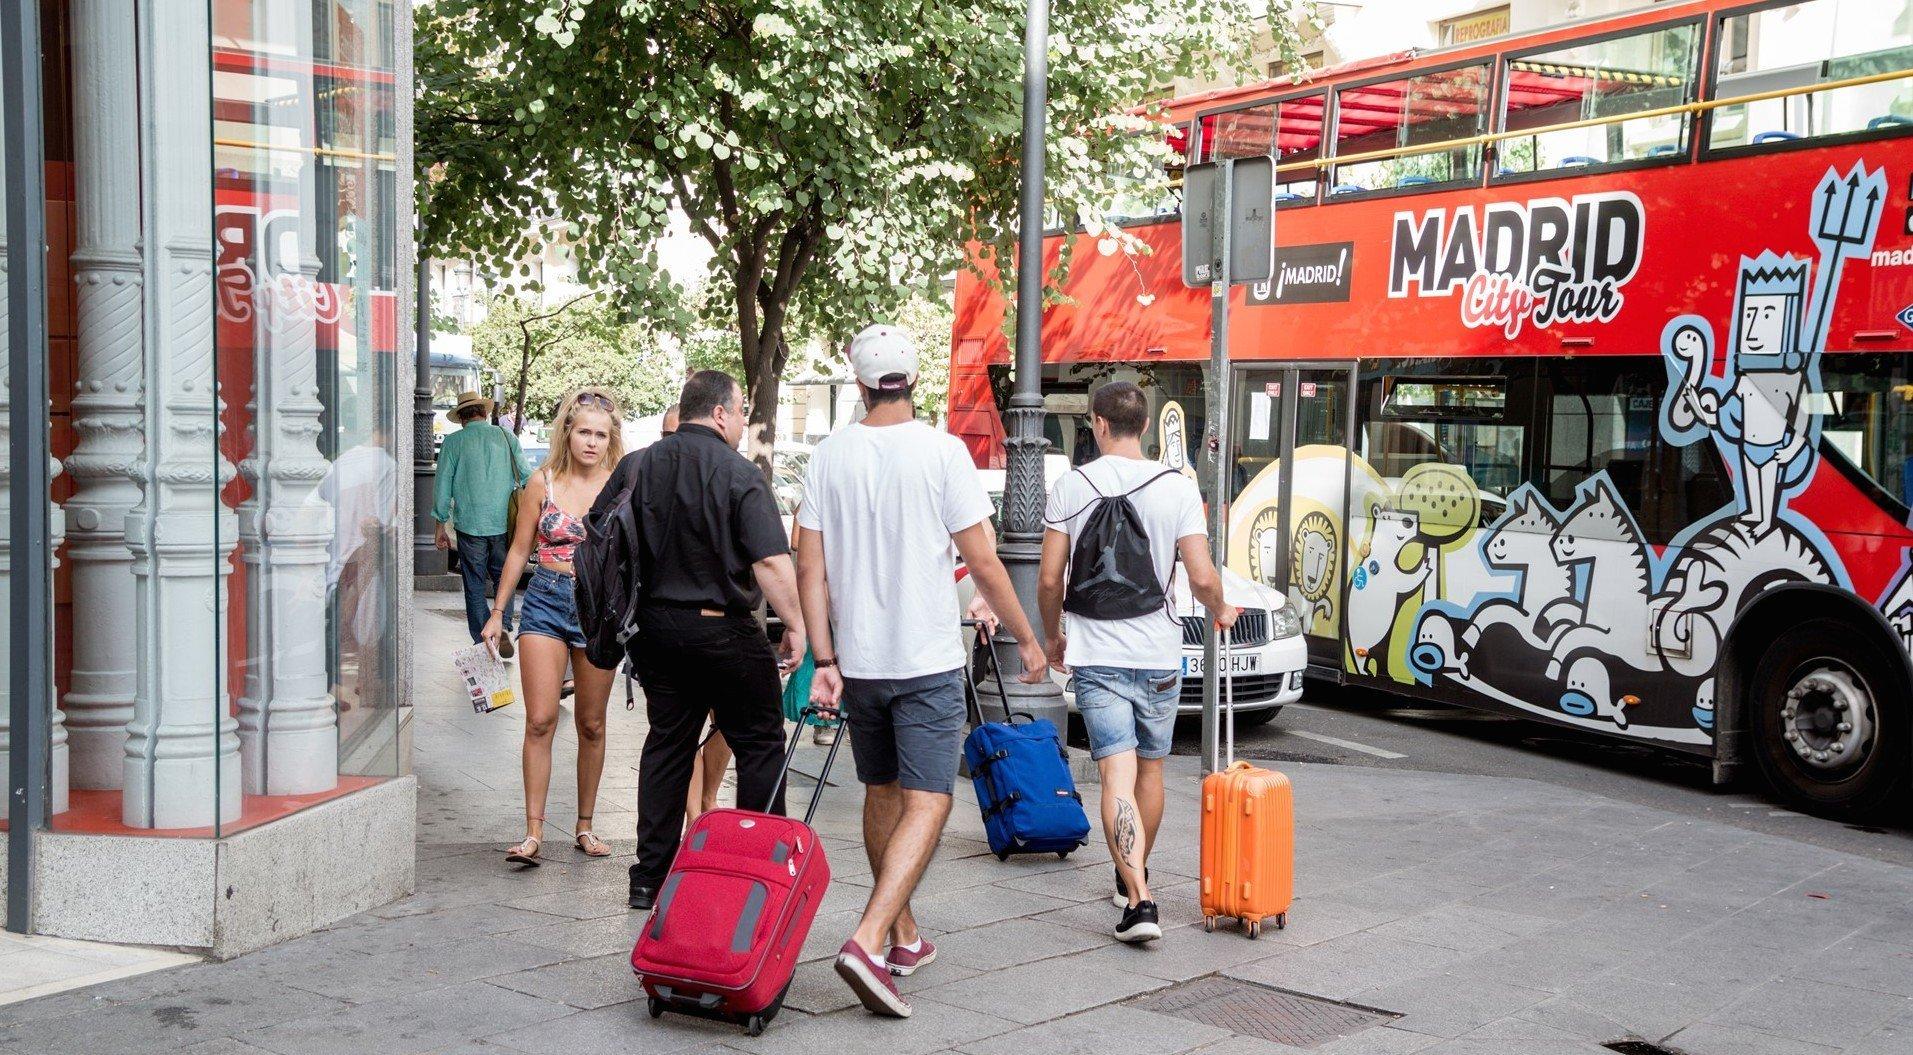 Coronavirus. El sector turístico es el más afectado de todos: prepara ERTEs, renegocia alquileres, dona comidas…